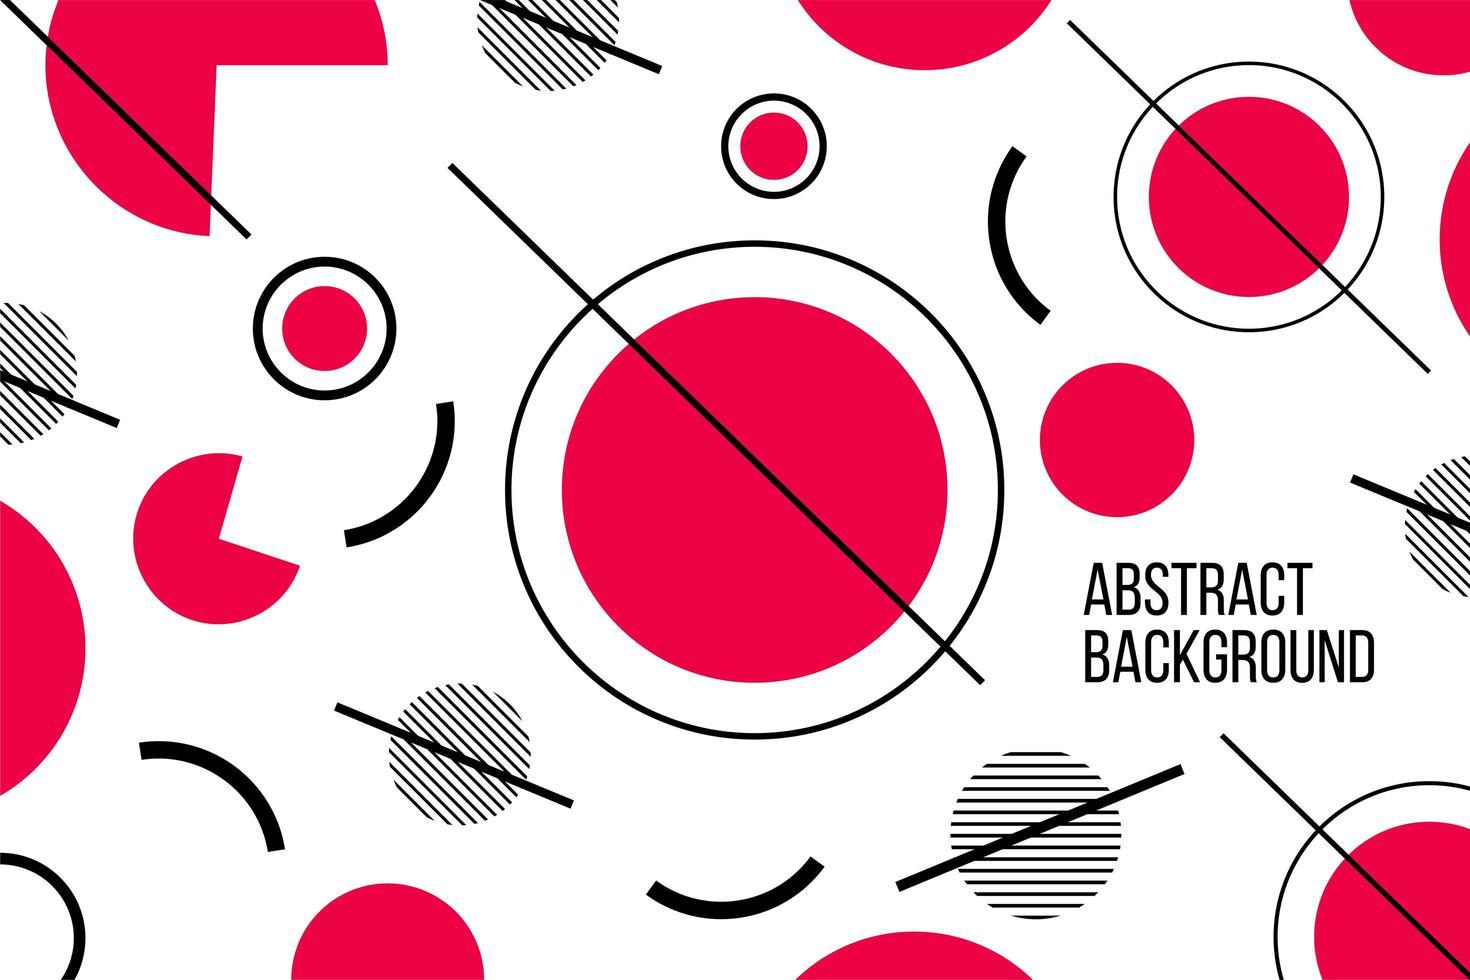 abstrakte rote und weiße flache geometrische Kreislinienentwurf vektor